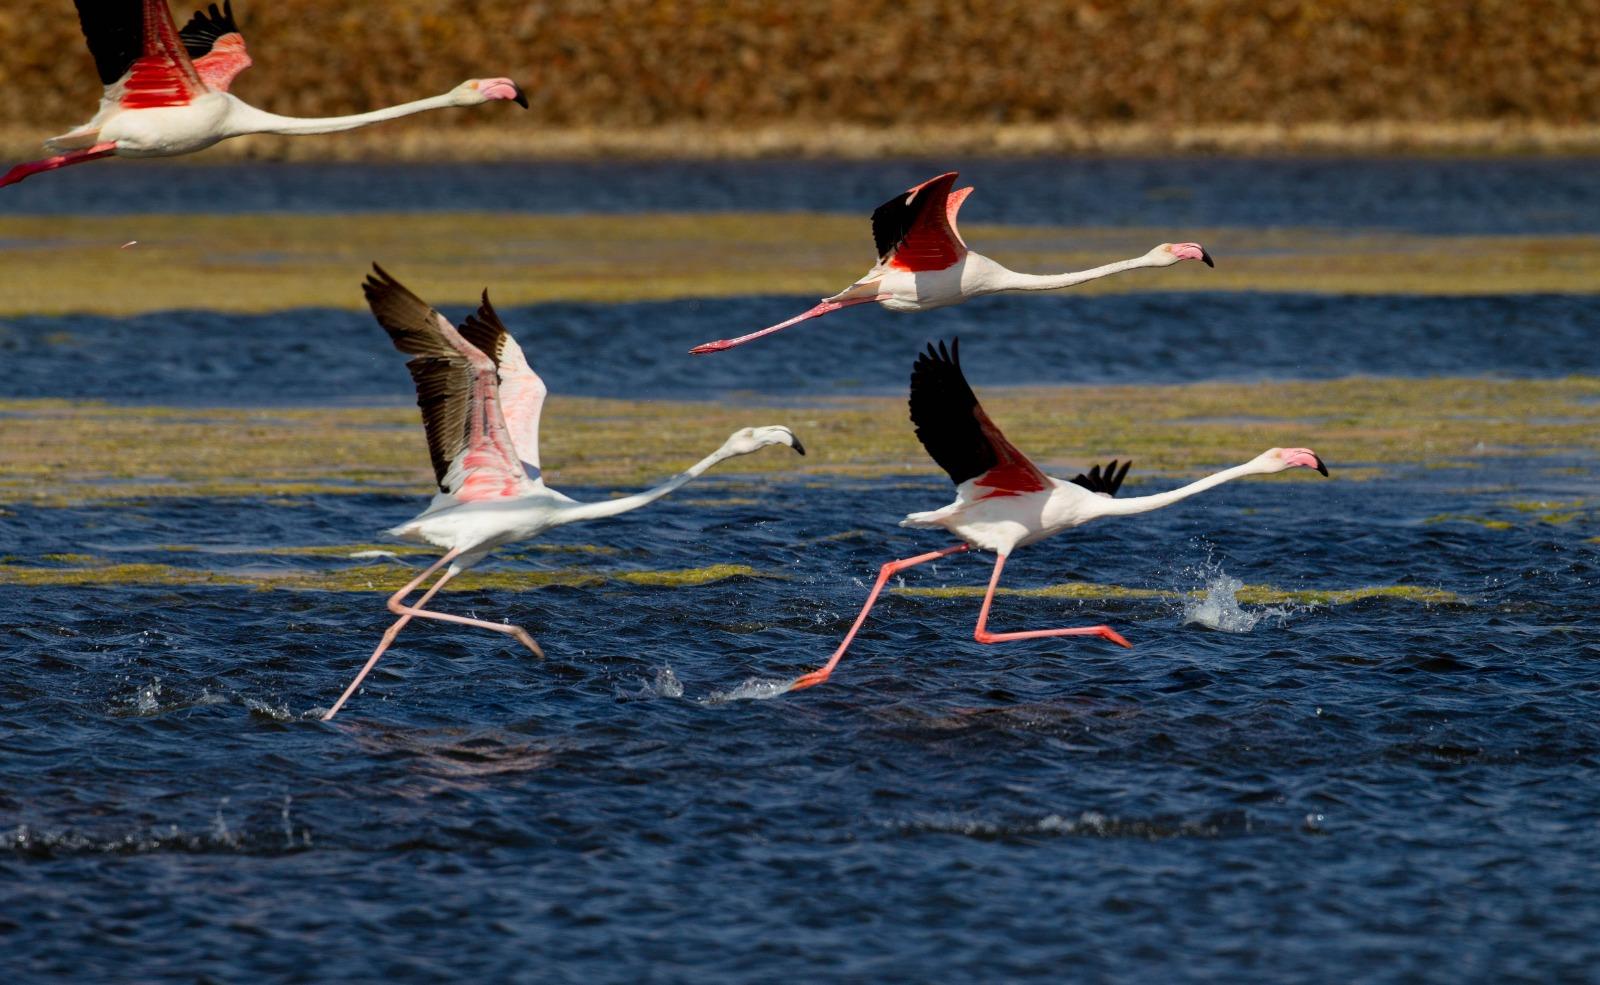 אירוע הצילום פלאנט ערבה יוצא לדרך בפעם השלישית-  צילומי טבע ונוף בערבה הדרומית